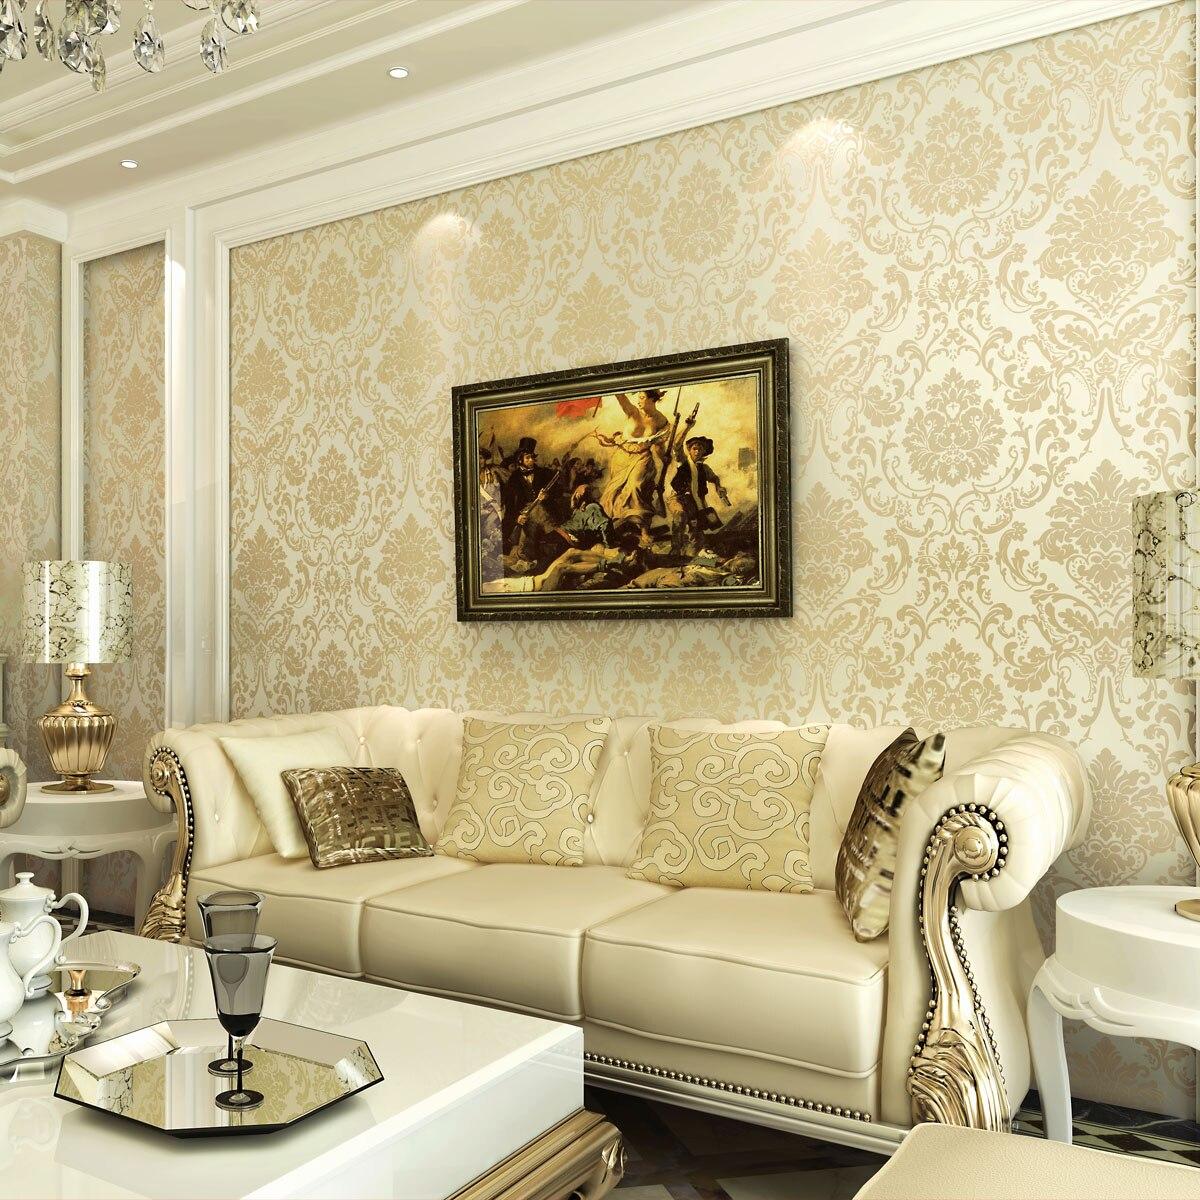 399 kb / 10 visualizzazioni. Carta Da Parati Del Salotto Soggiorno Camera Parete Sfondo Interior Design 338175 Wallpaperuse